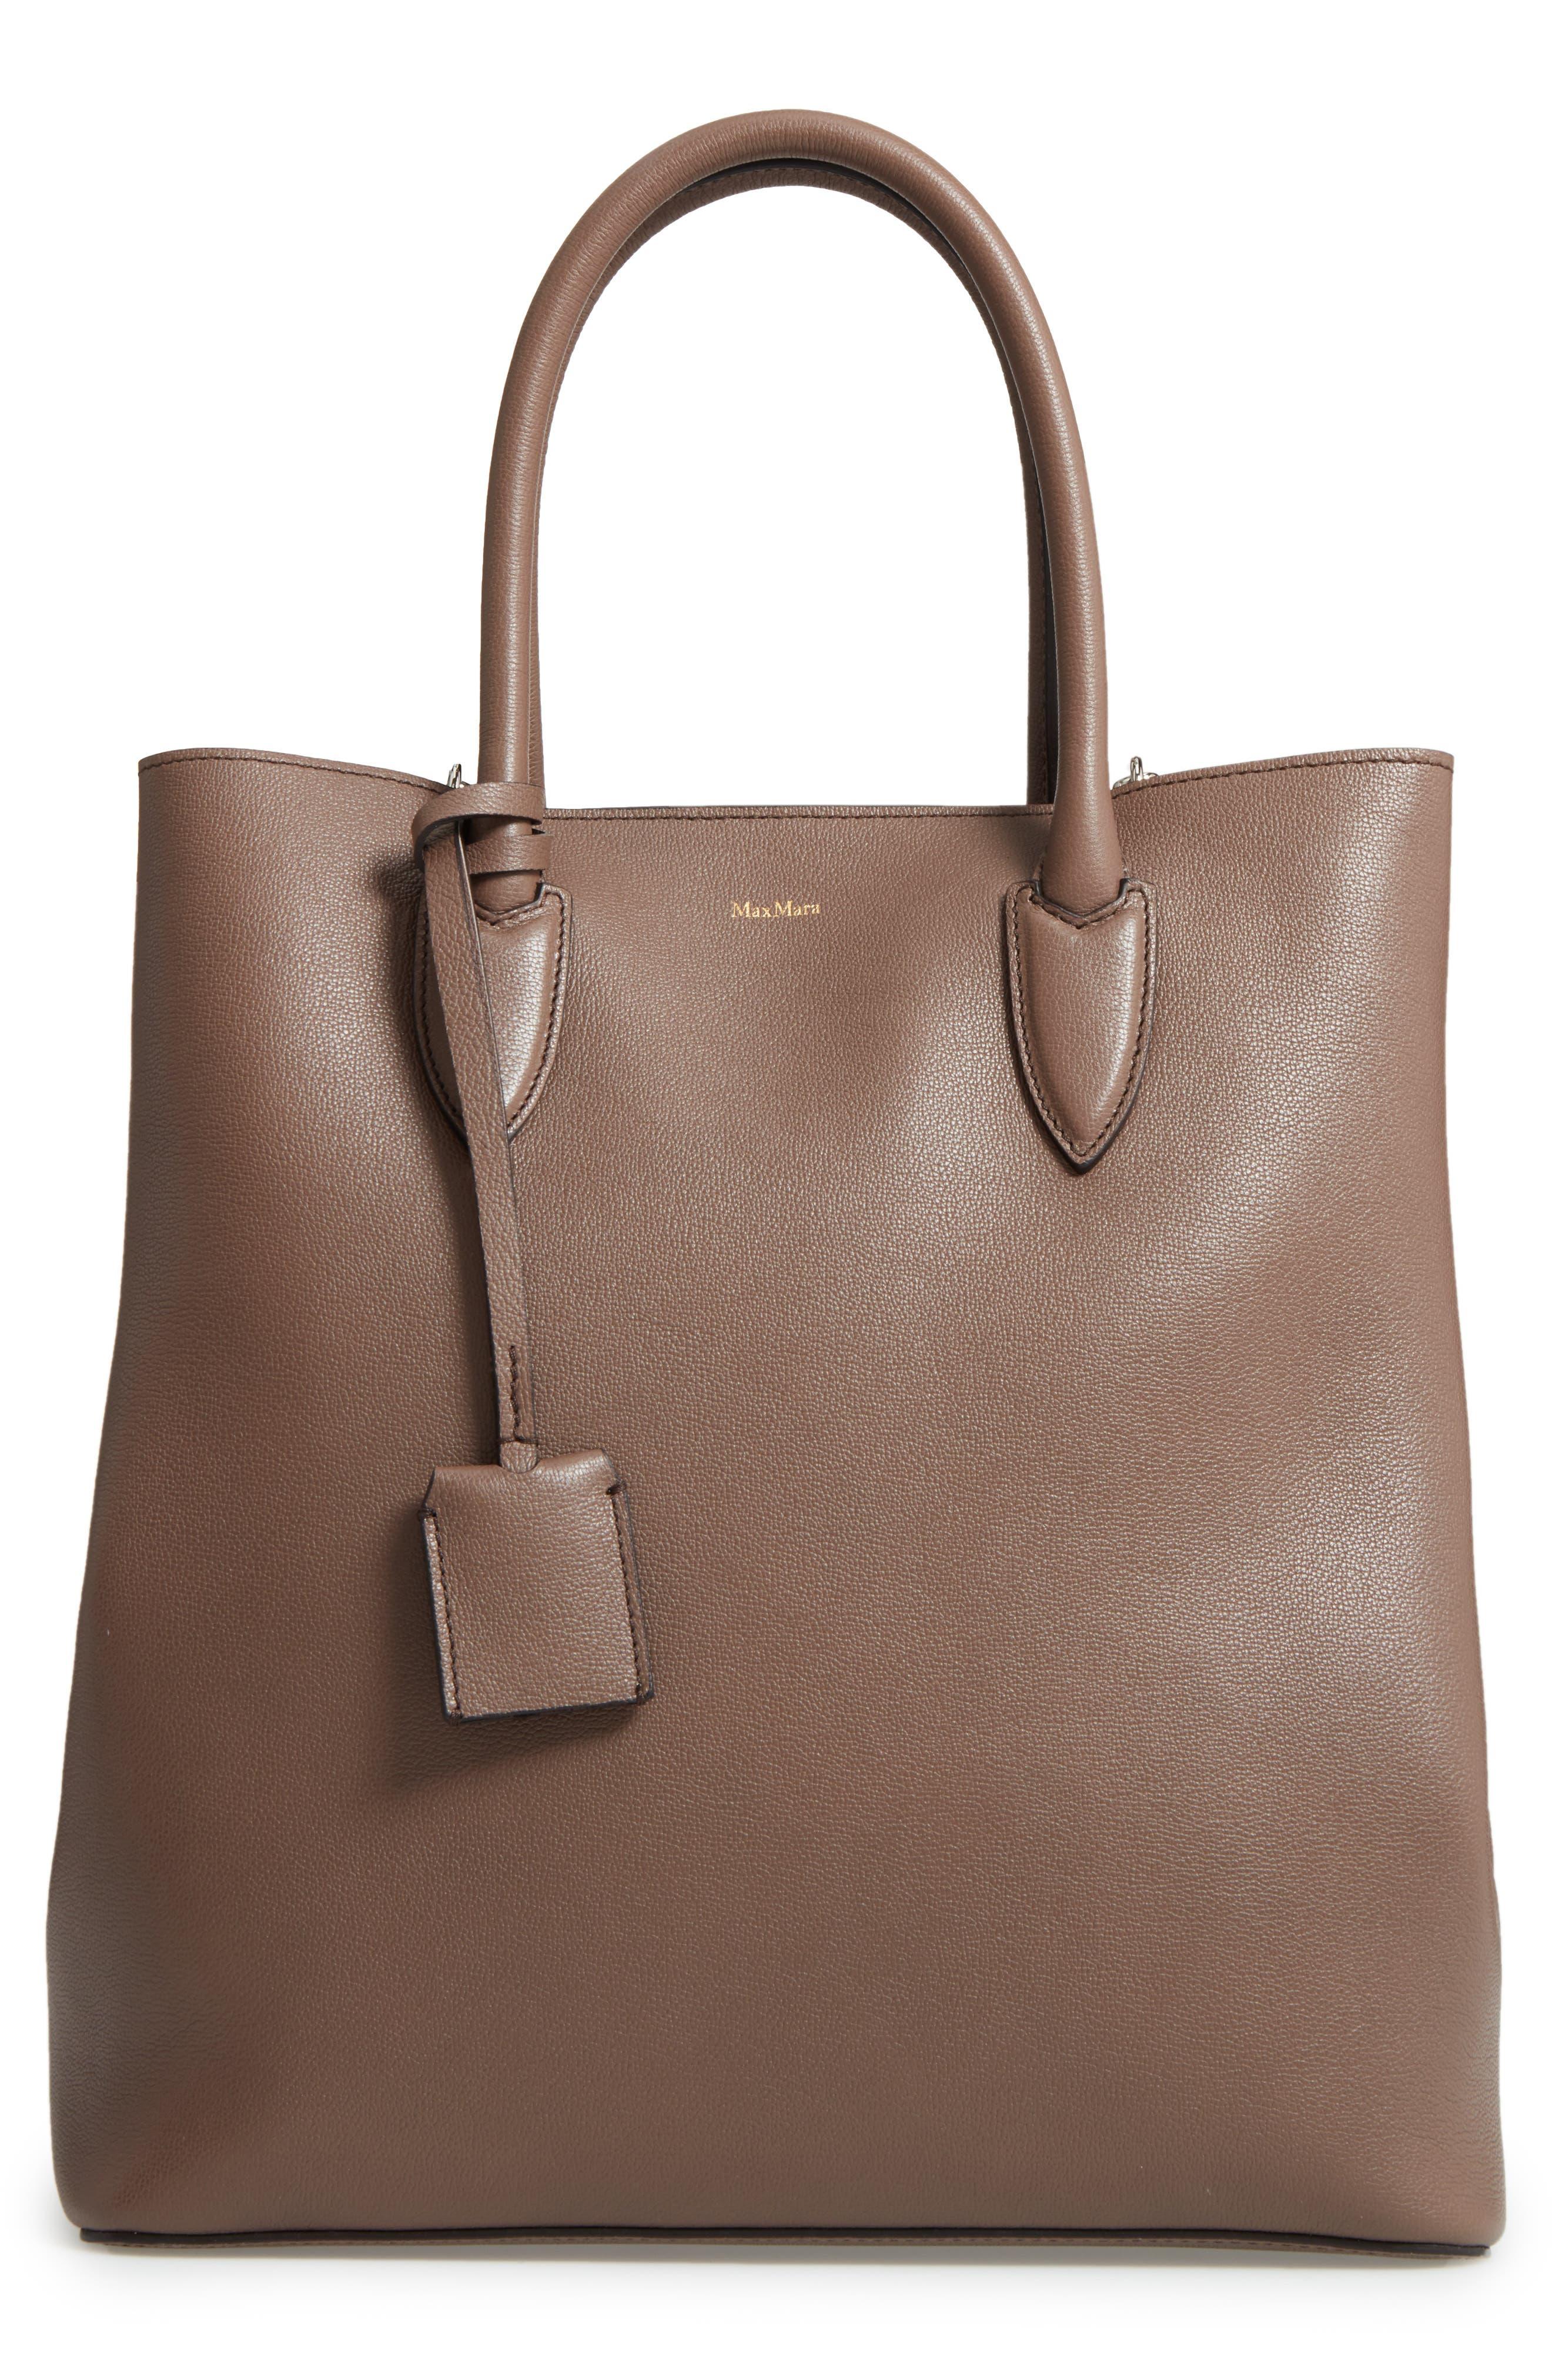 Main Image - Max Mara Pebbled Leather Shopper